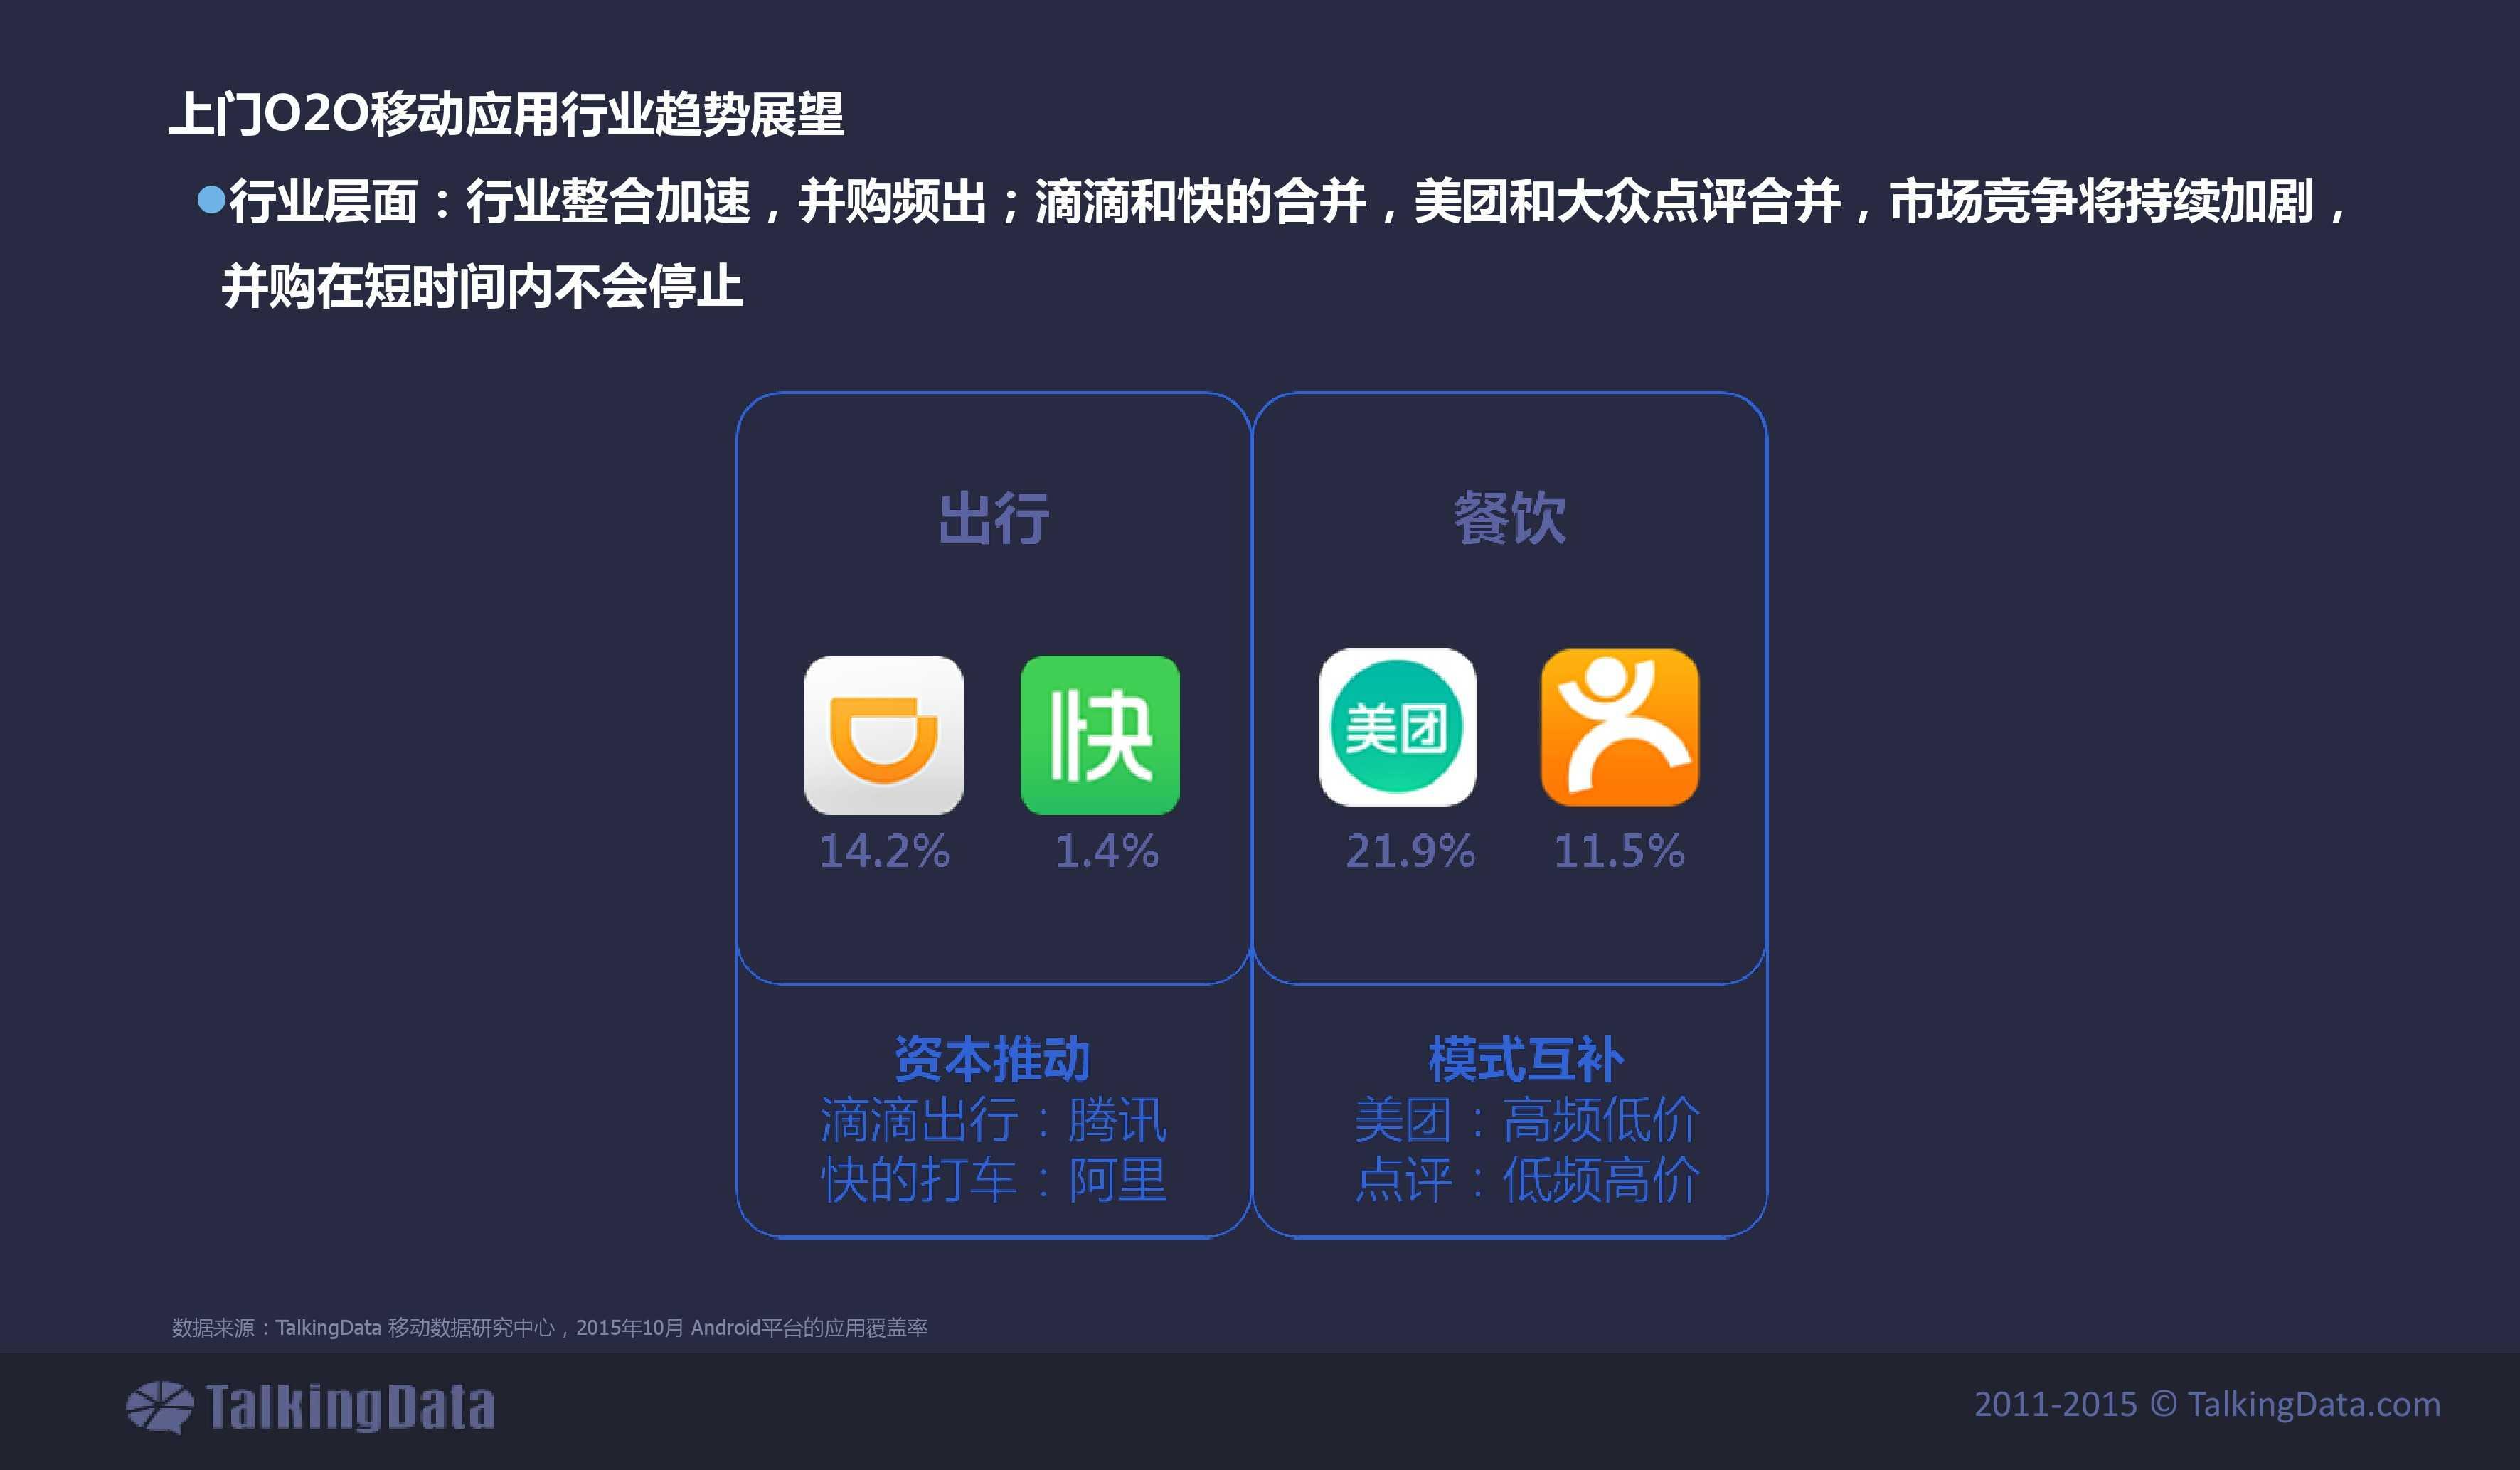 TalkingData2015年上门O2O移动应用行业报告_000030